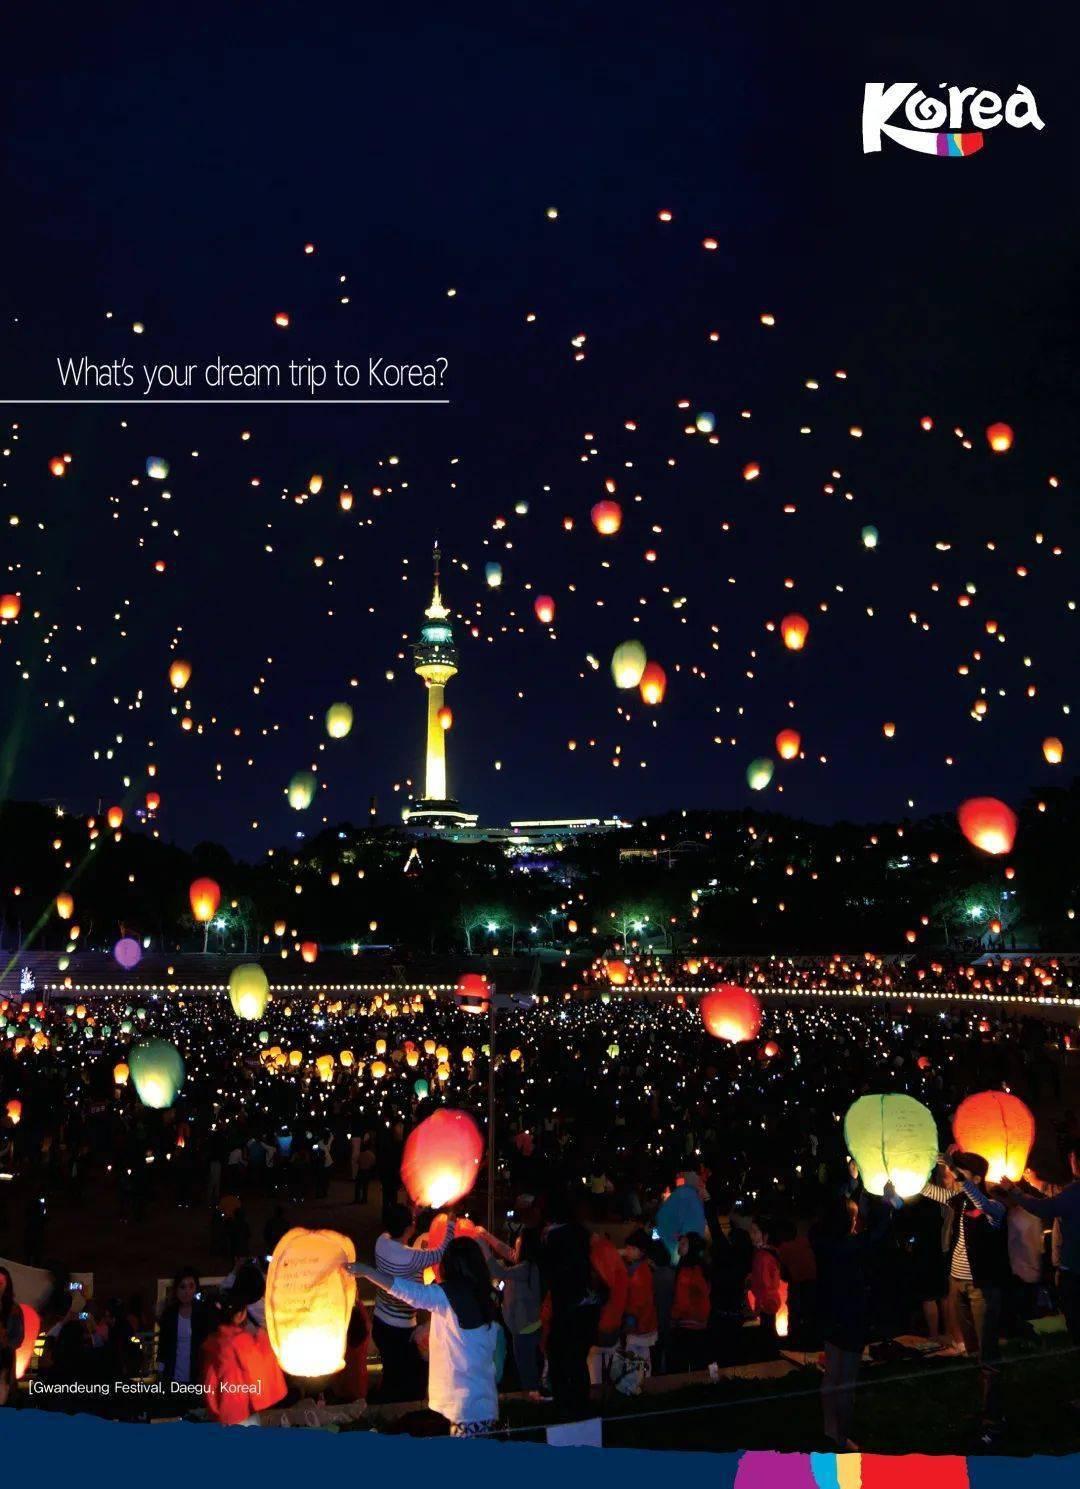 【韩你玩出界】肆意描绘你心中的韩国!赢千万旅